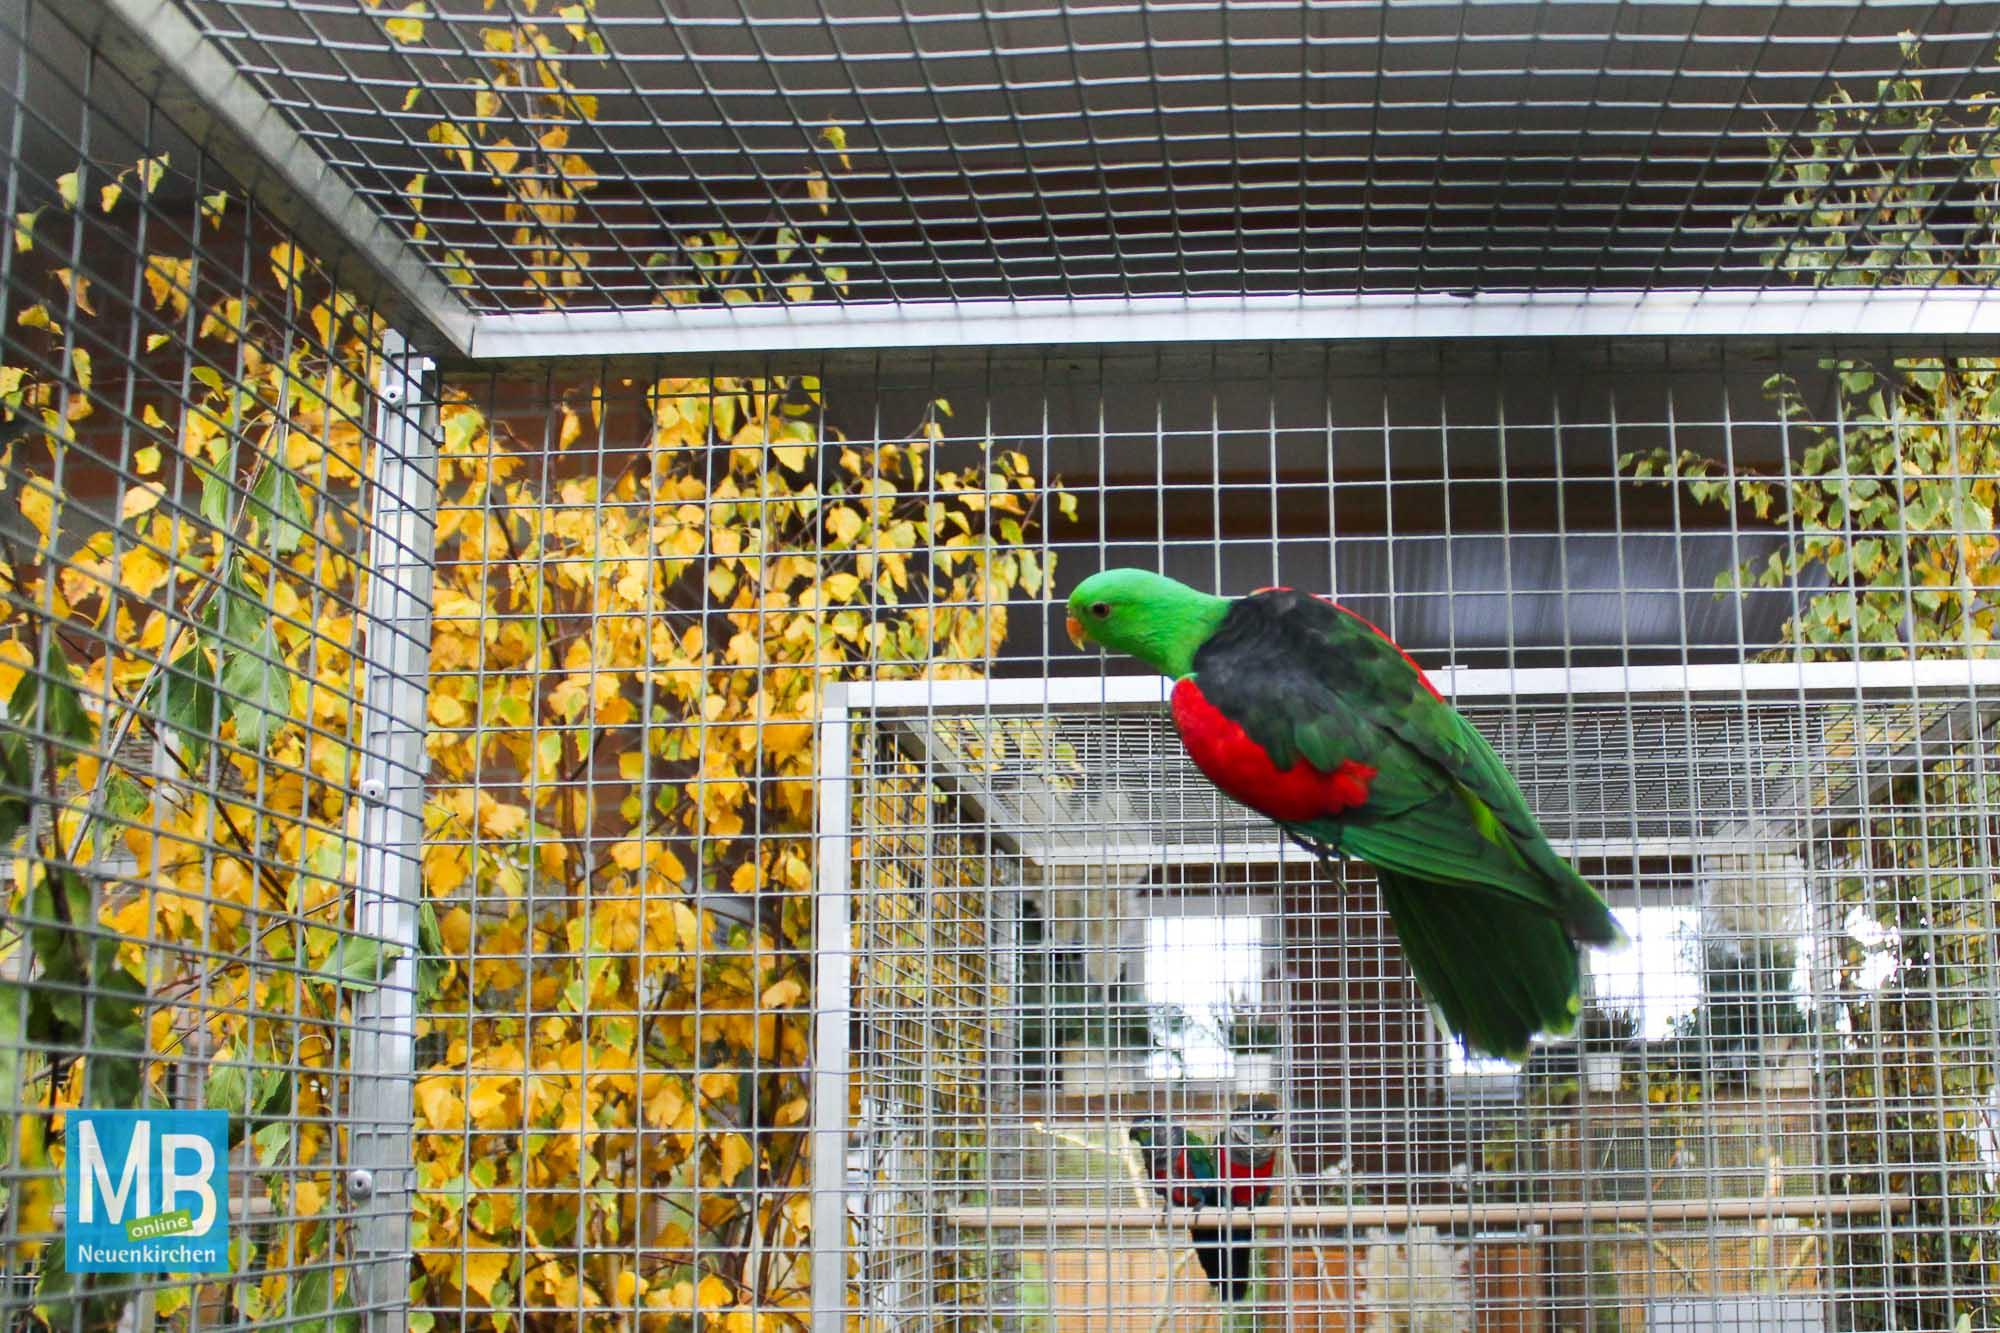 Ausstellung und Vereinsmeisterschaft von Vogelschutz- und Zuchtverein Kanaria 64 und IZG Rheine | Foto: Kaumanns